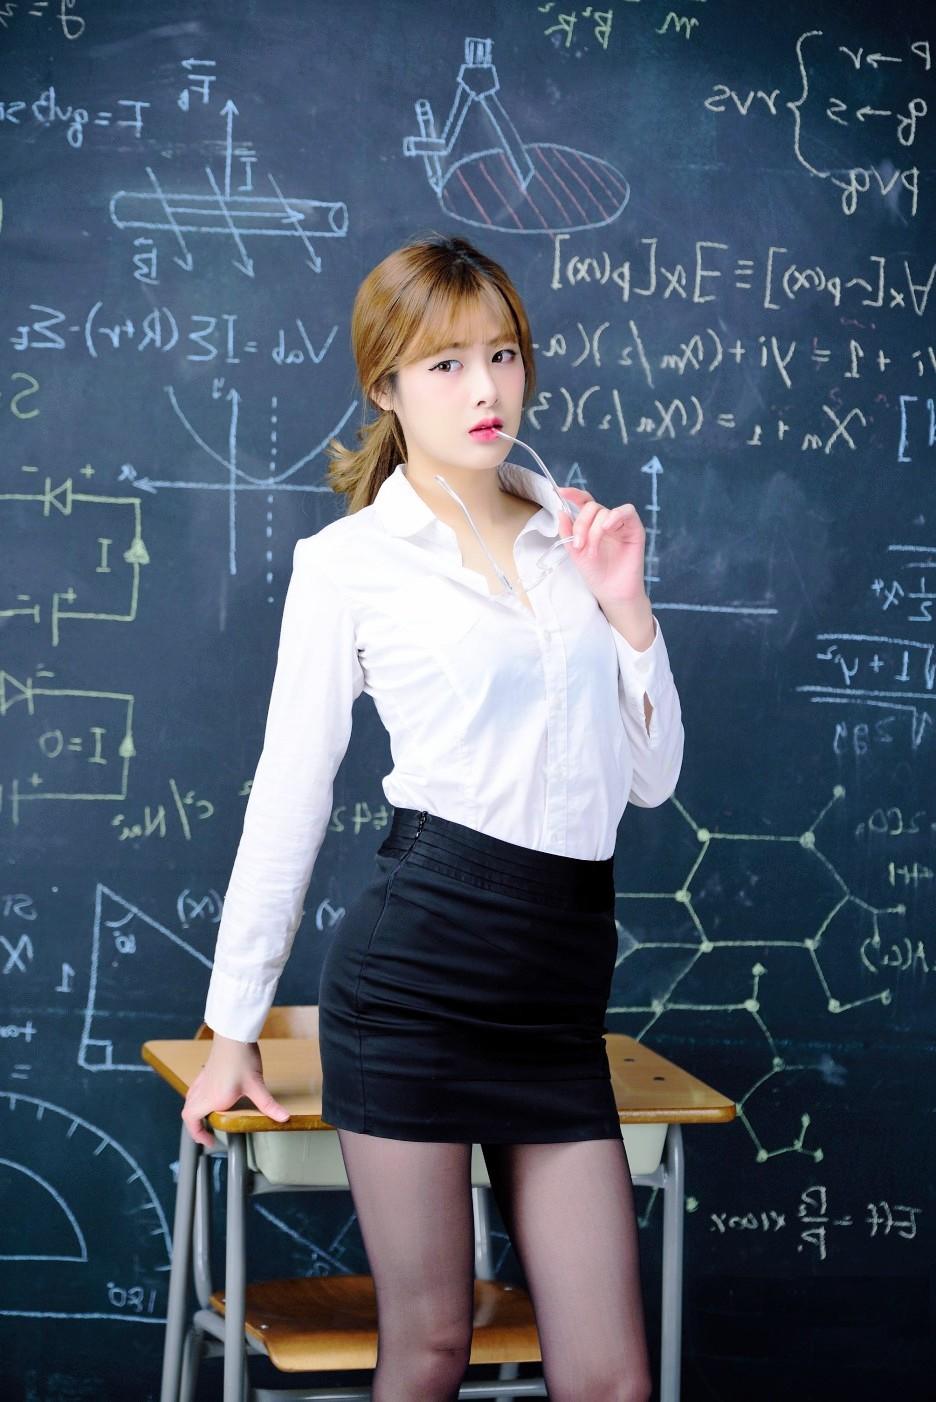 我和新来的女老师_学校里新来一个爱拍照的美女老师!